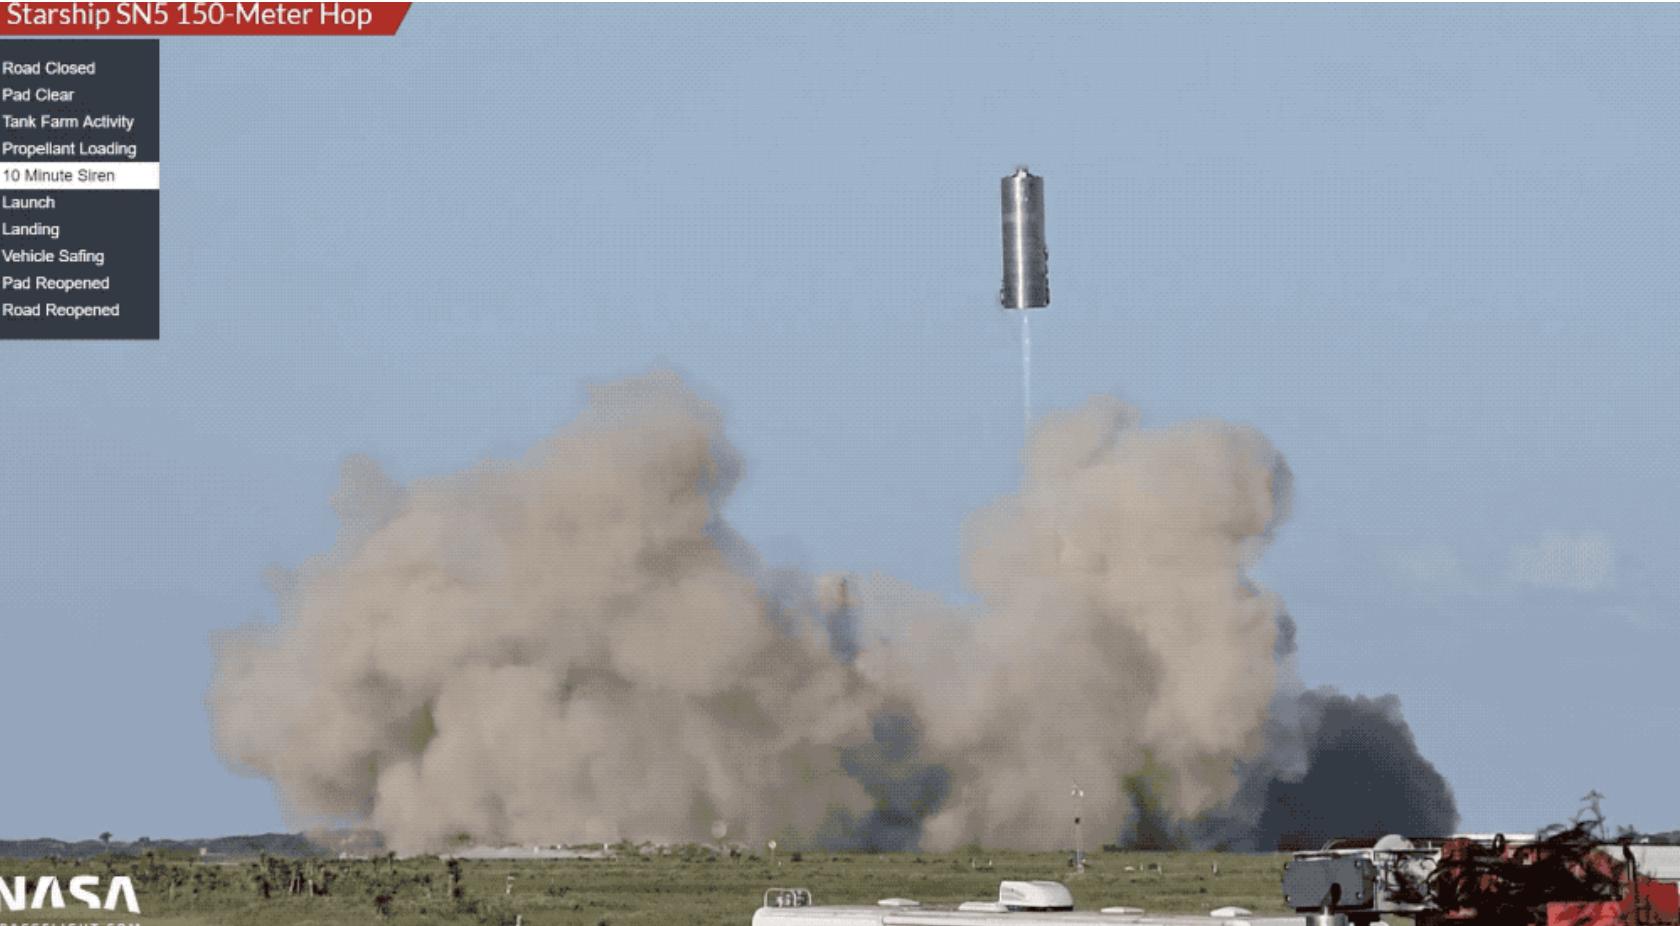 Mira cómo SpaceX vuela con éxito su prototipo de Starship a una altura de 150 metros